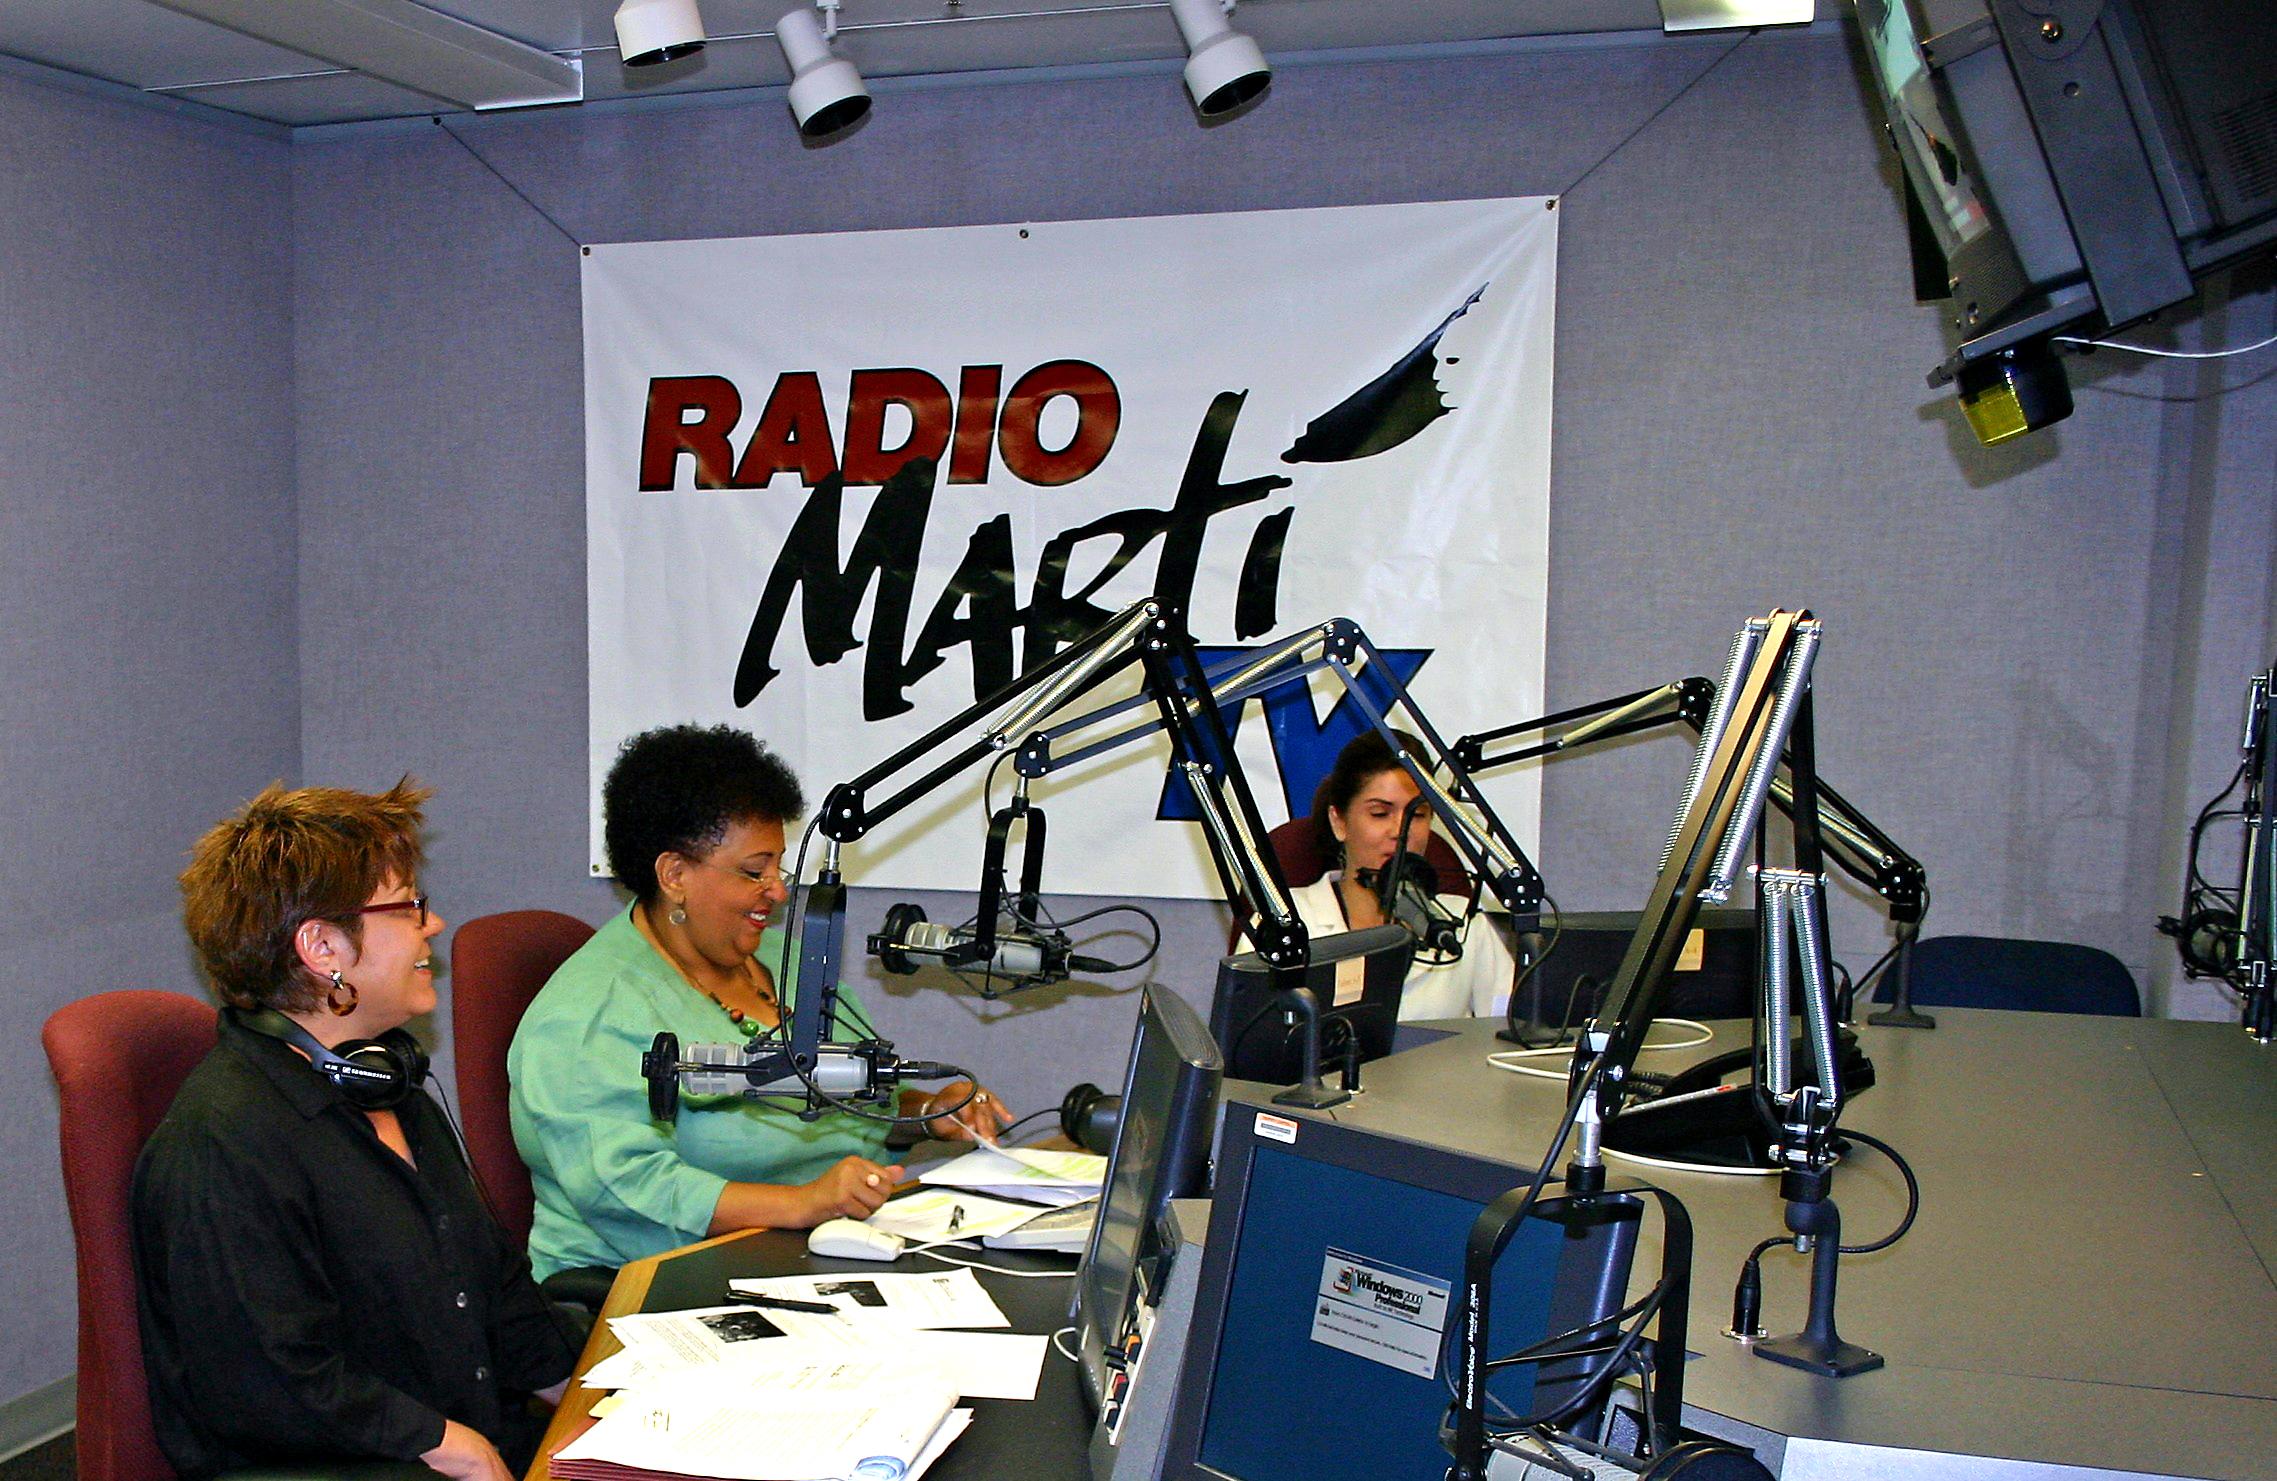 La Junta de Gobernadores de Radiodifusión propone la creación de una nueva organización privada que llevará a cabo los programas de la BBG en América Latina y el Caribe, incluyendo Cuba.